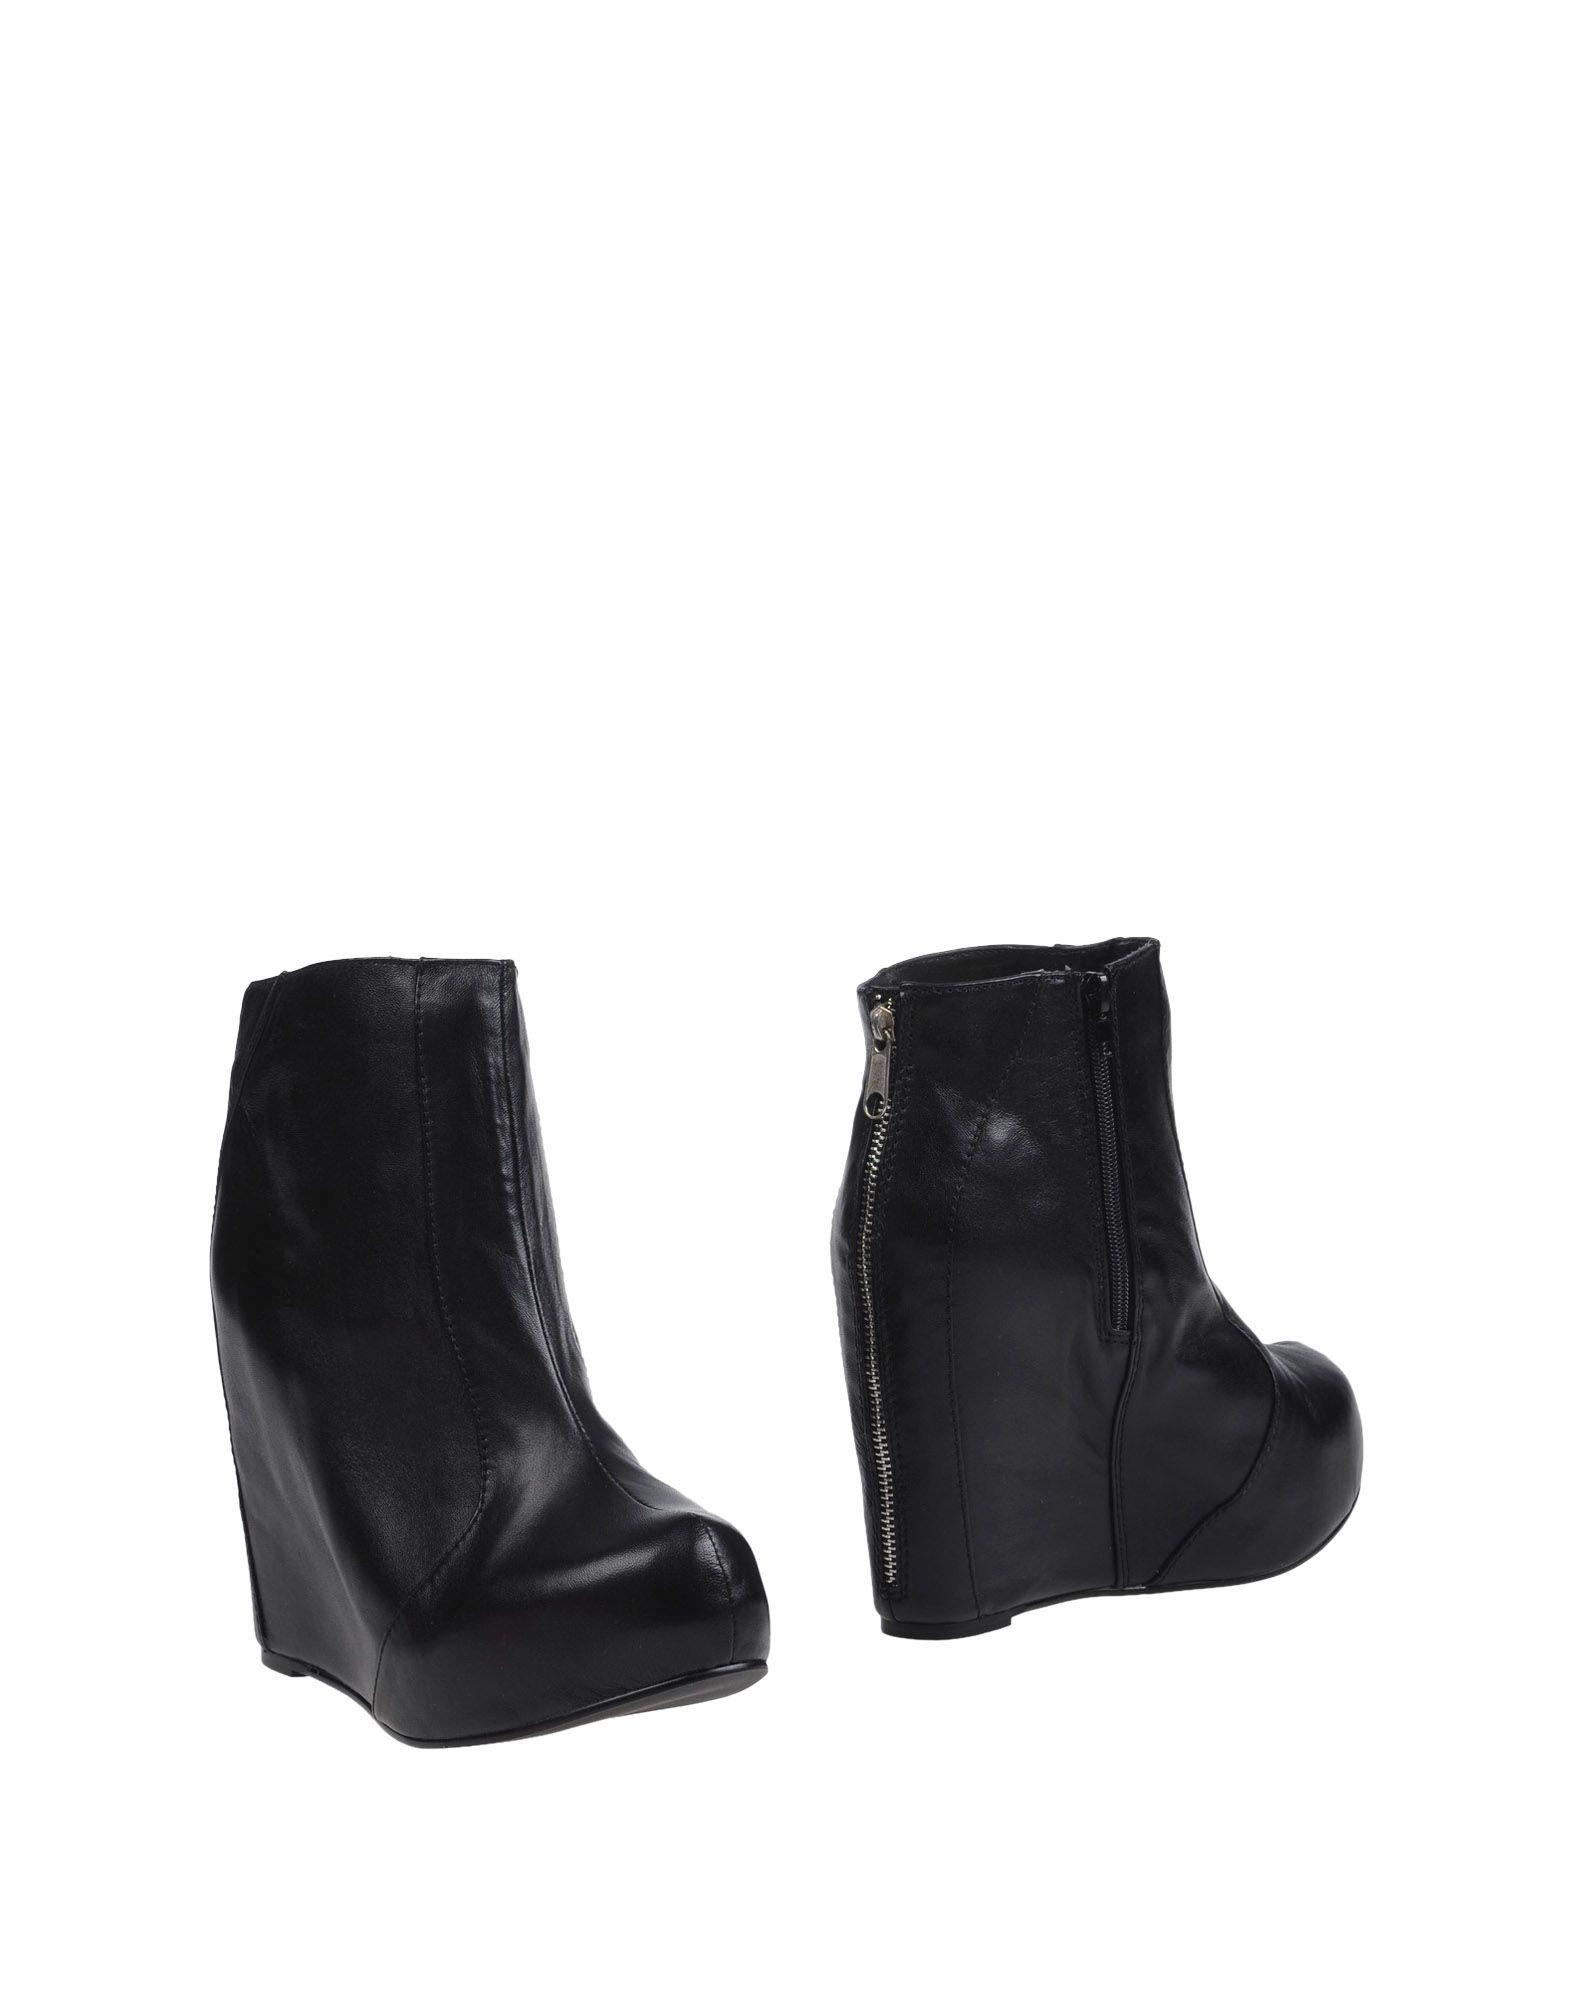 Jeffrey Campbell Gute Stiefelette Damen  11186632XP Gute Campbell Qualität beliebte Schuhe a23375